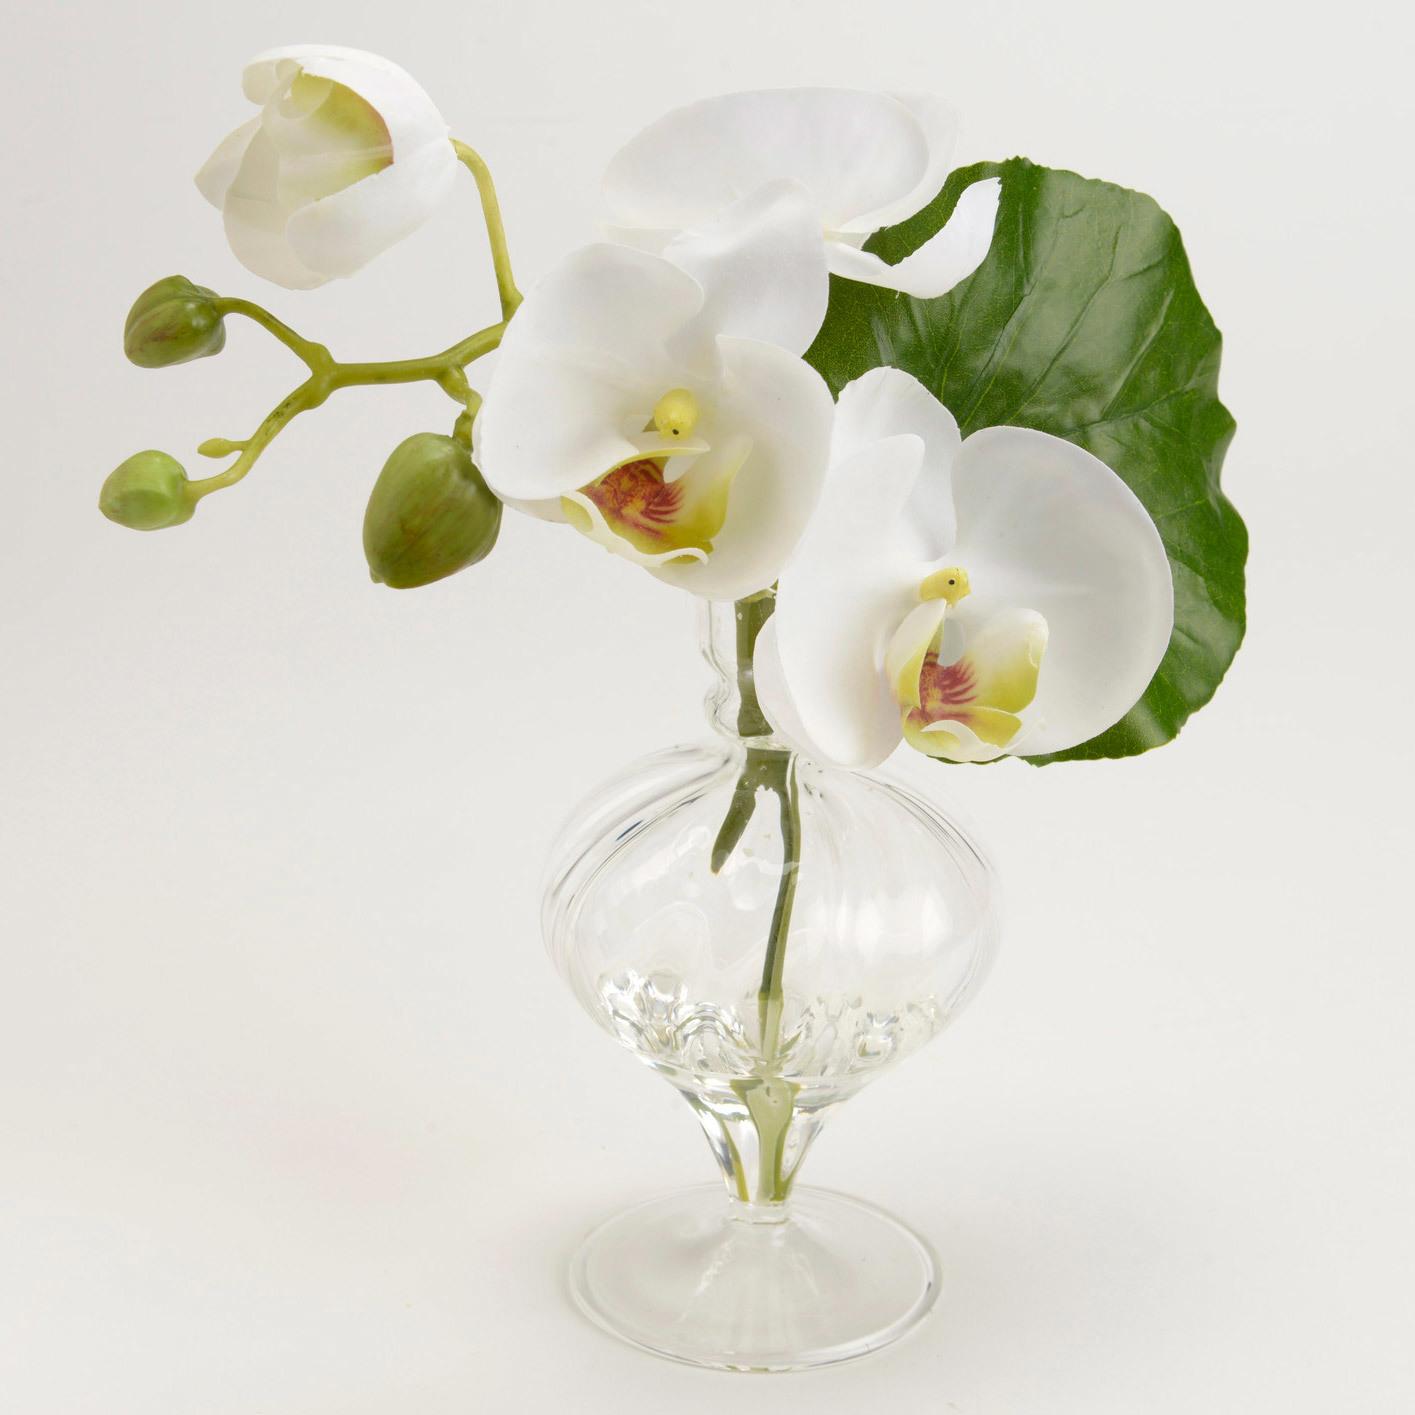 cours virtuel 32 peindre un vase avec des fleurs atelier portrait pastel aquarelle visages. Black Bedroom Furniture Sets. Home Design Ideas